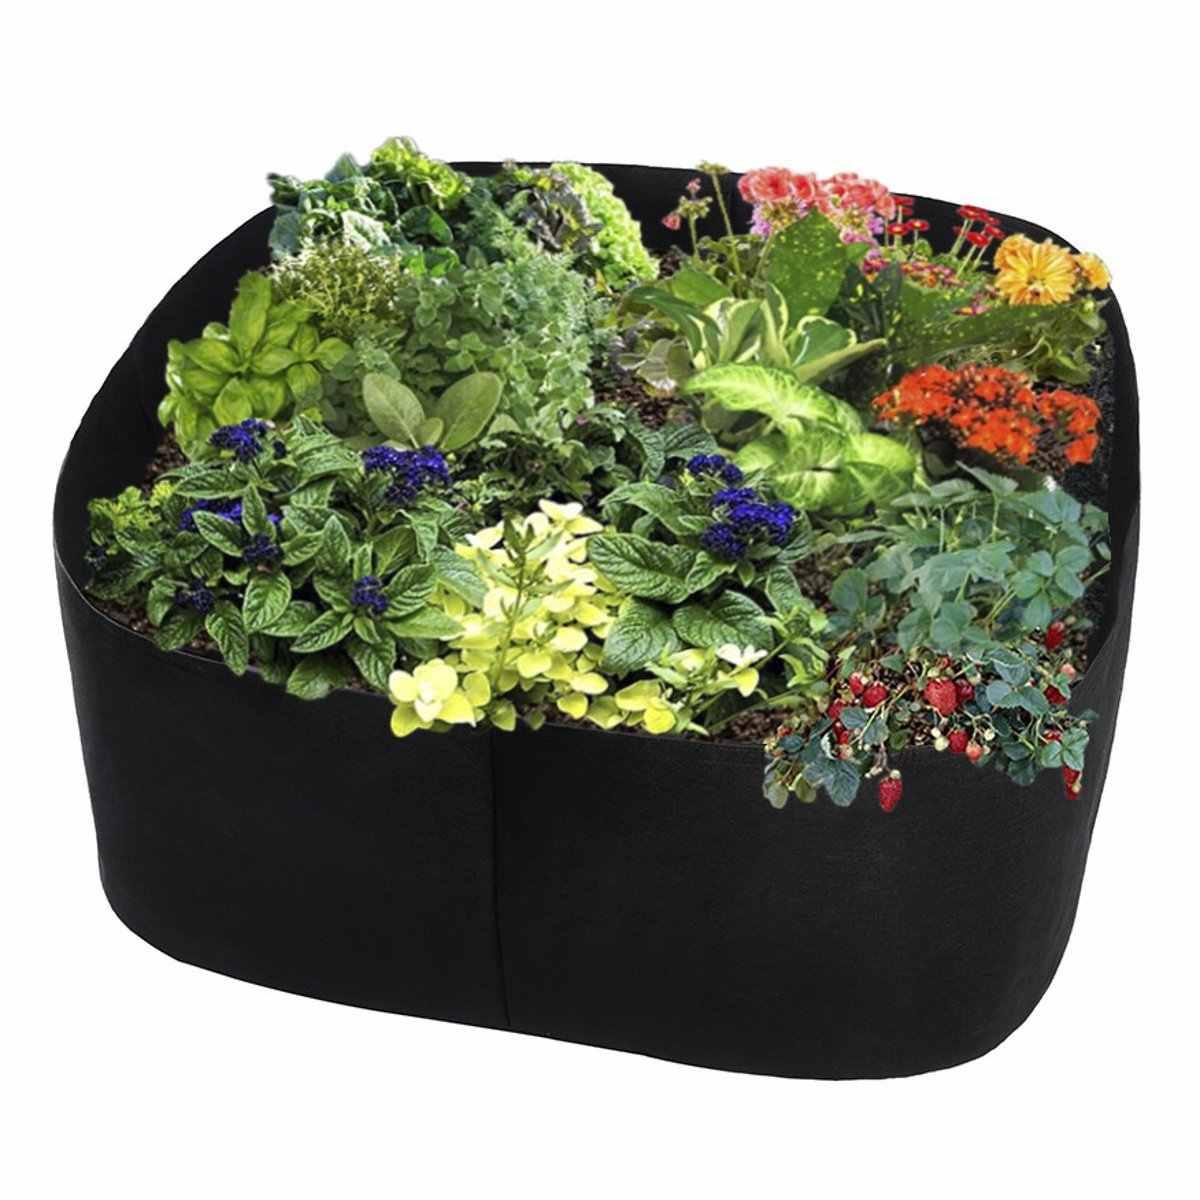 折りたたみ育てるバッグプランター 60 × 60 × 30 センチメートル黒保育園ポットホルダー植栽バッグ通気性フェルト生地野菜コンテナ